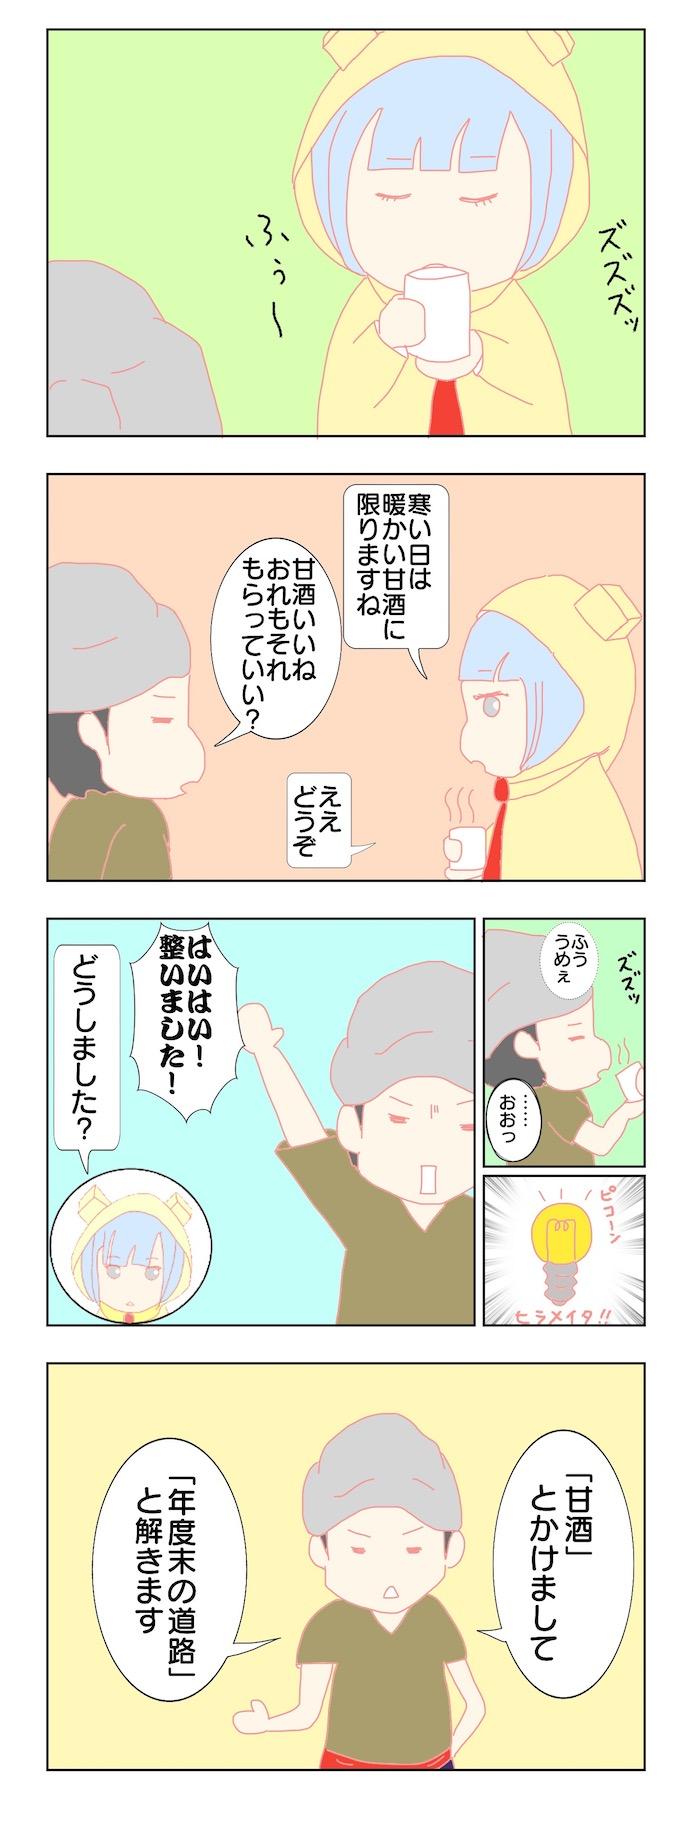 キムケン漫画1